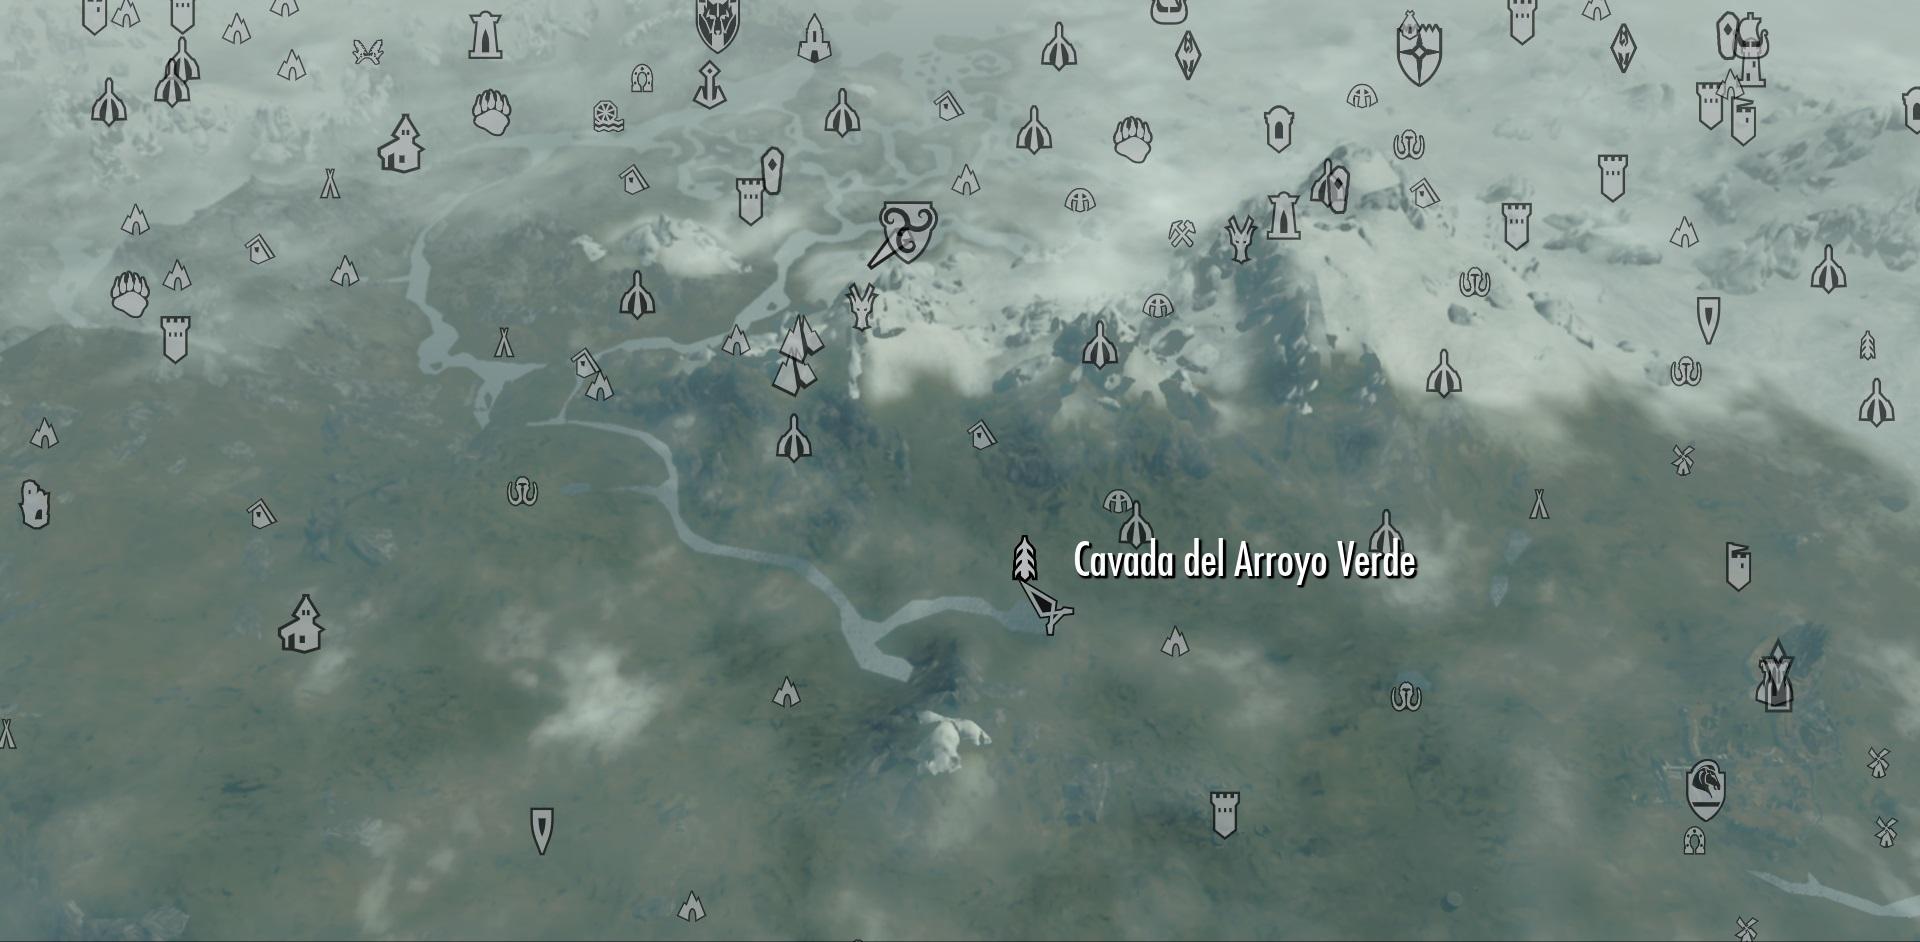 Cavada del Arroyo Verde